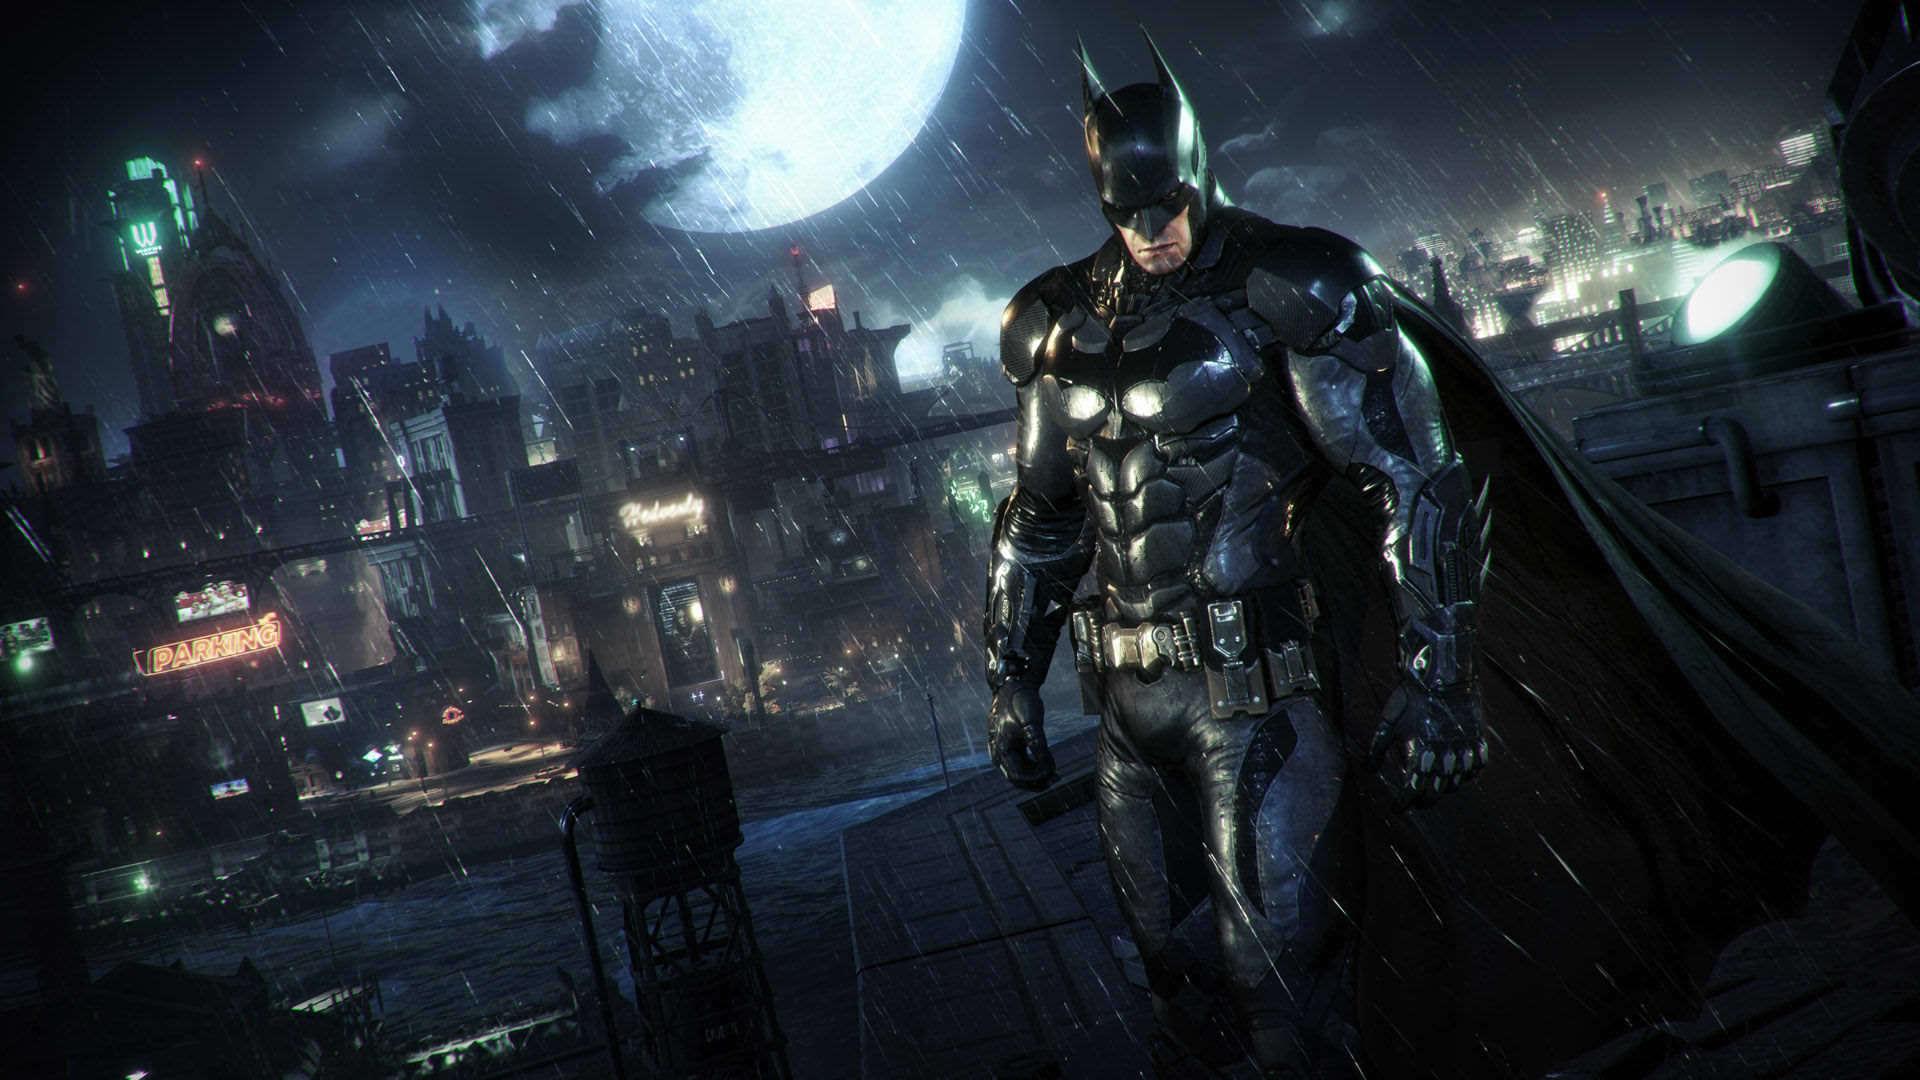 Hd wallpaper upload - Wallpaper Batman Arkham Knight 04 Hd Wallpaper Upload At September